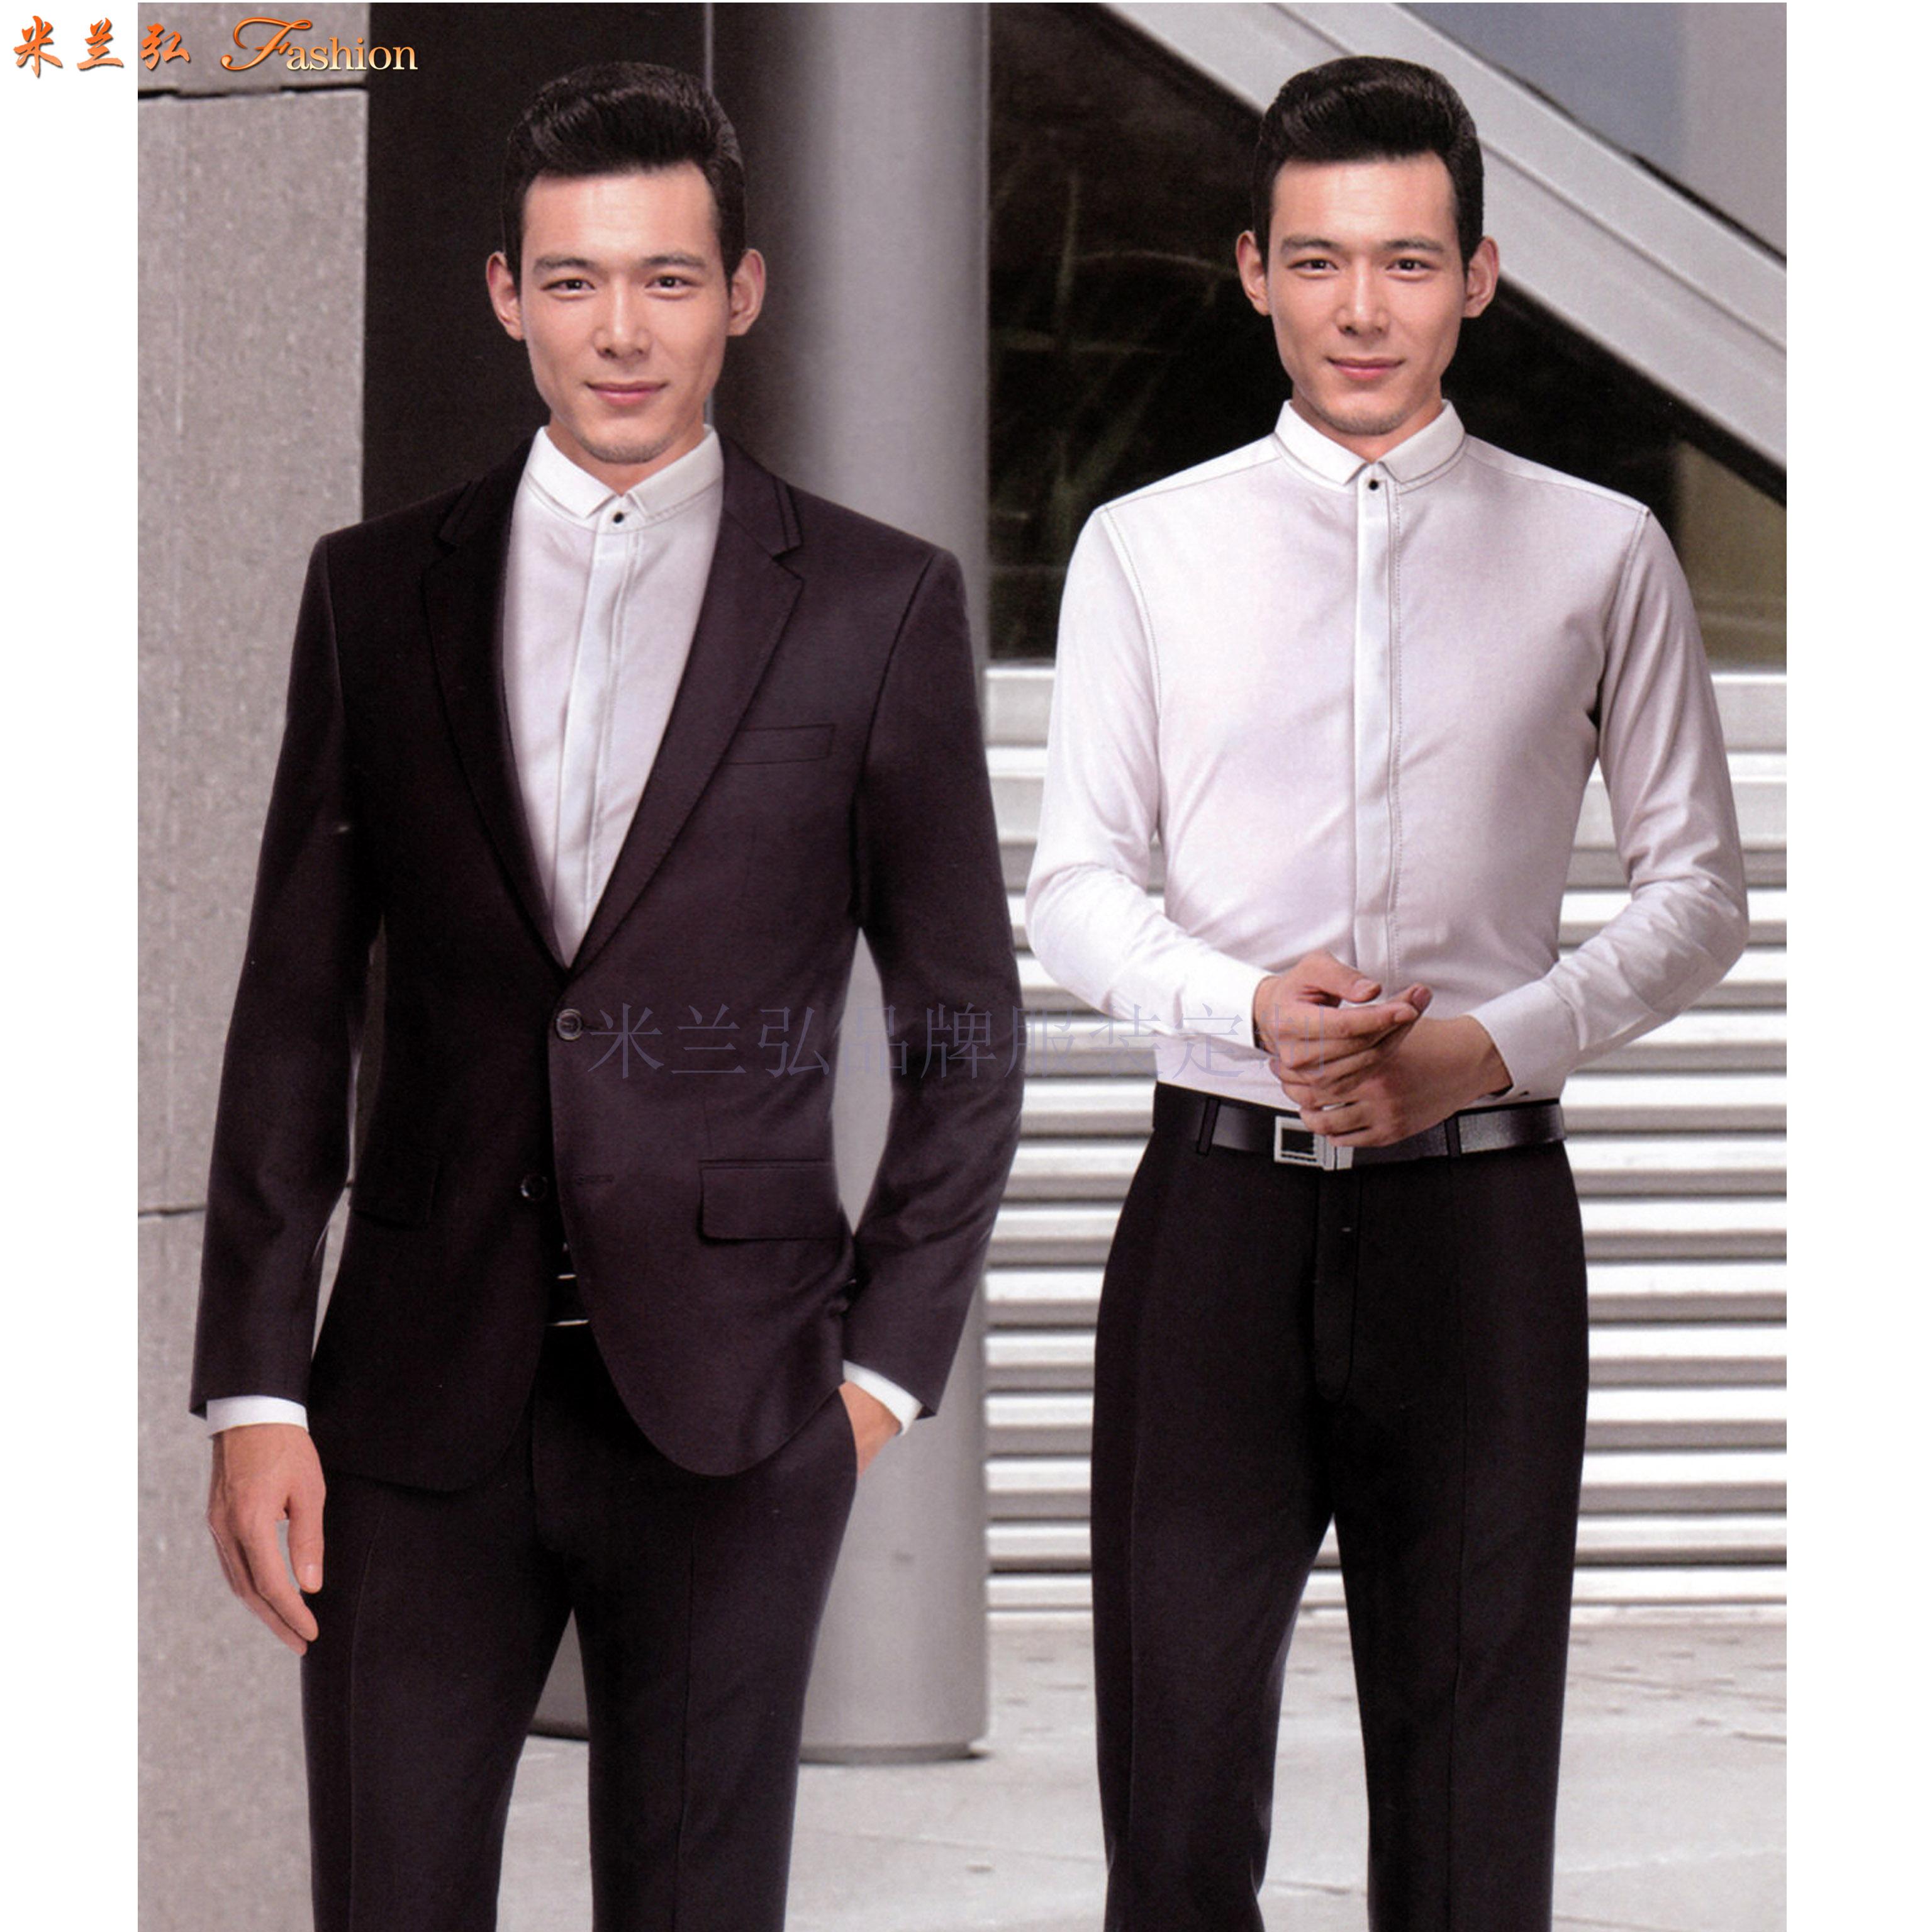 「北京商務西服定制公司」推薦誠信靠譜的米蘭弘品牌西服-3